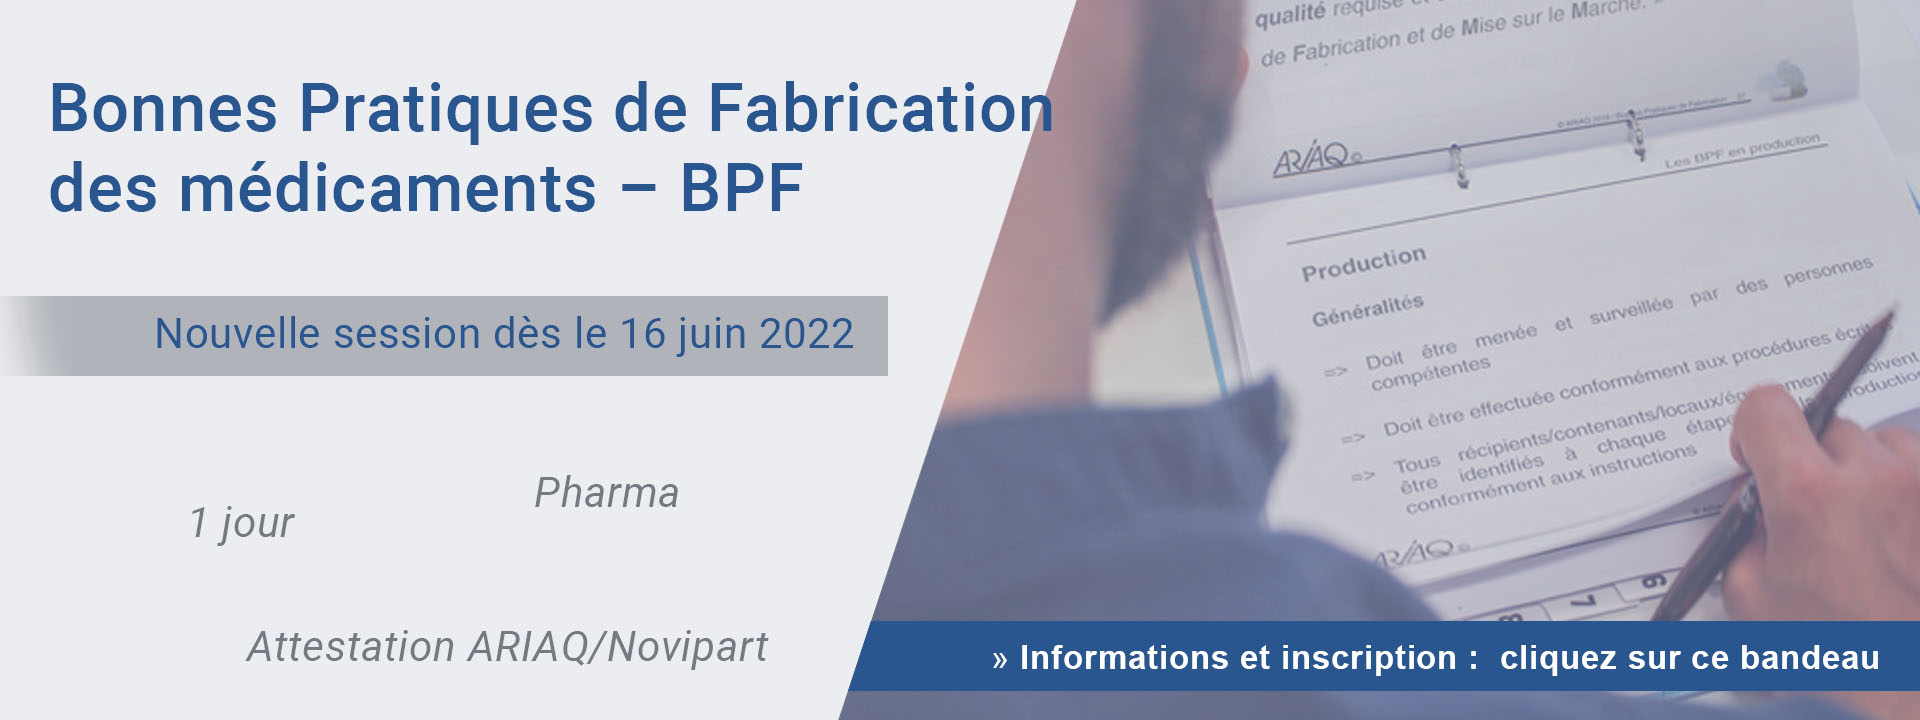 Bonnes Pratiques de Fabrication des médicaments – BPF